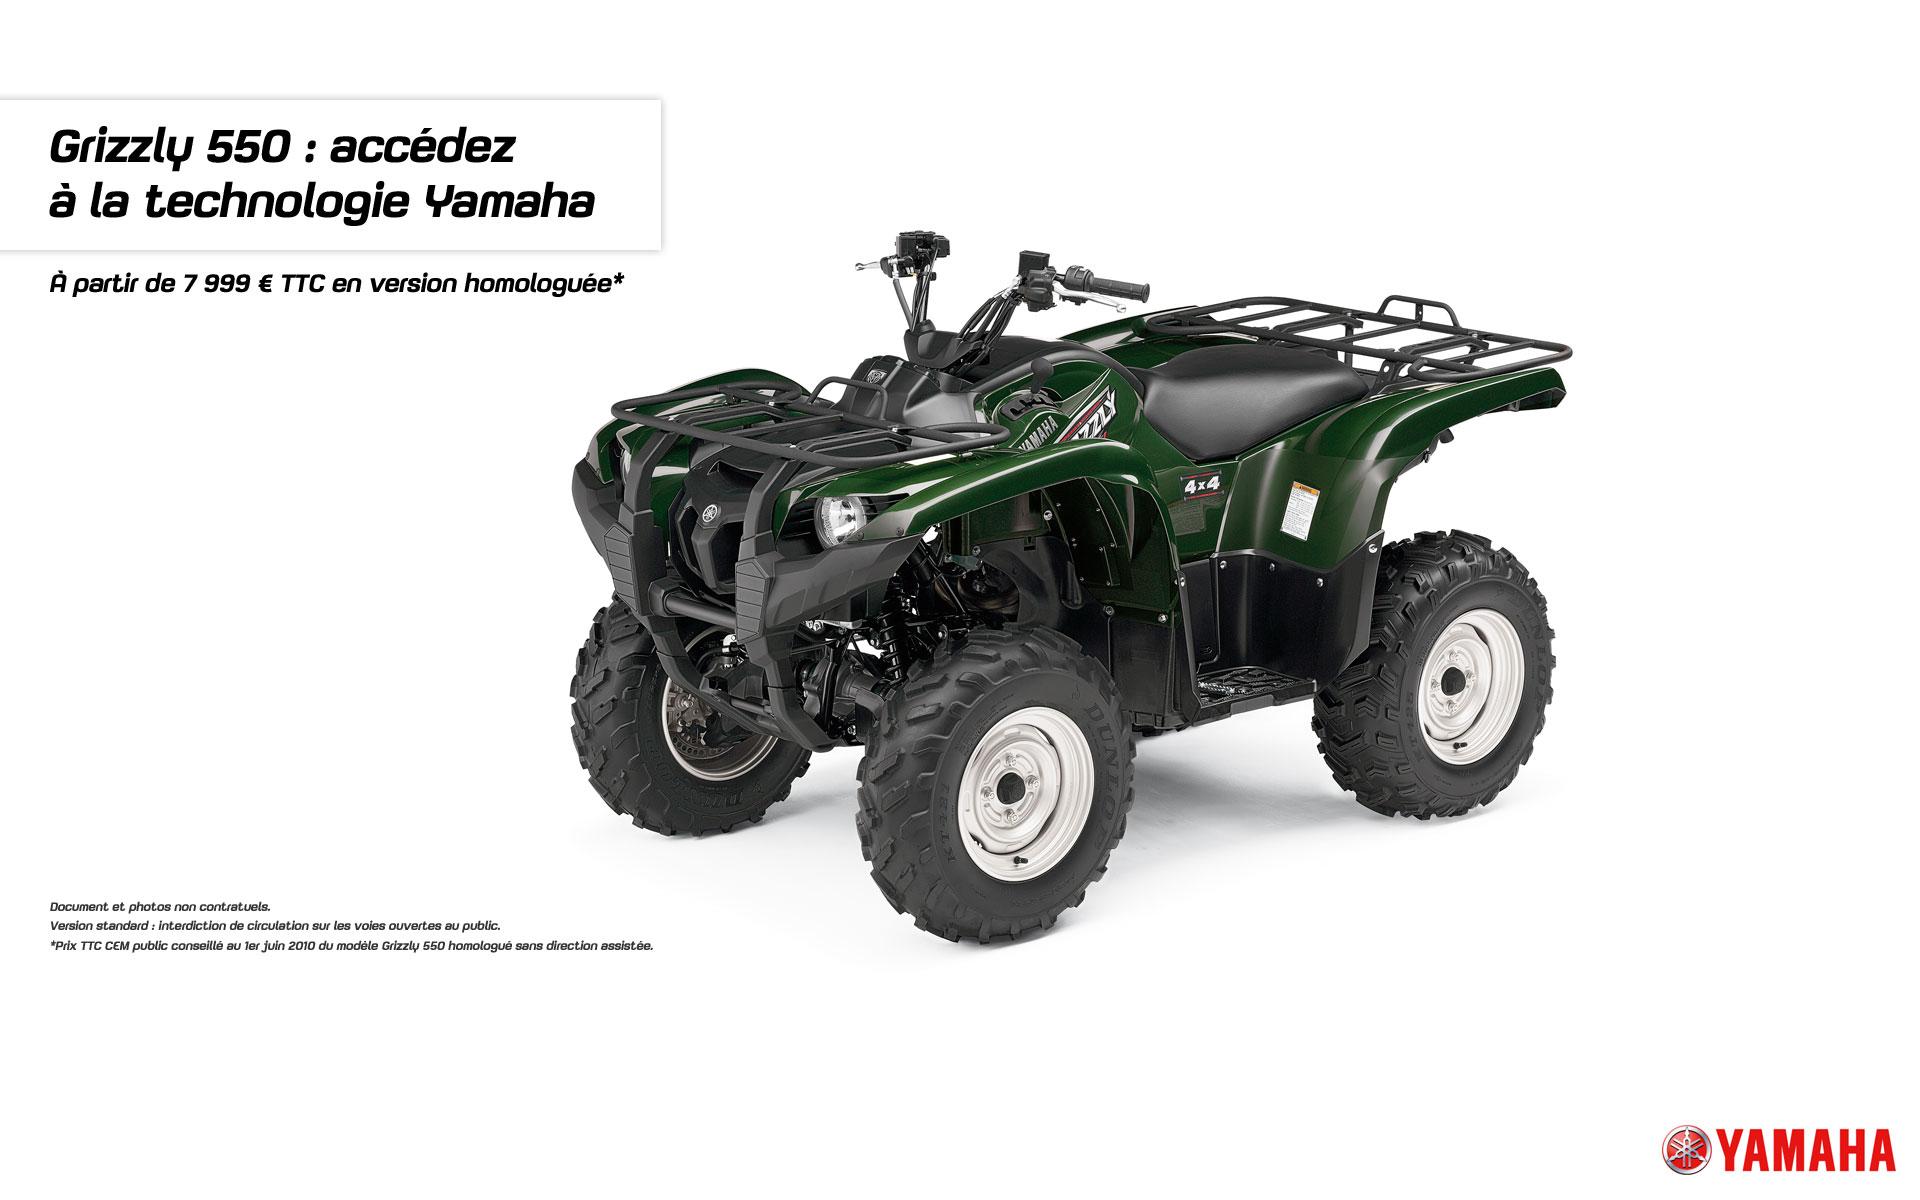 Avec le Grizzly 550, accédez à la technologie Yamaha